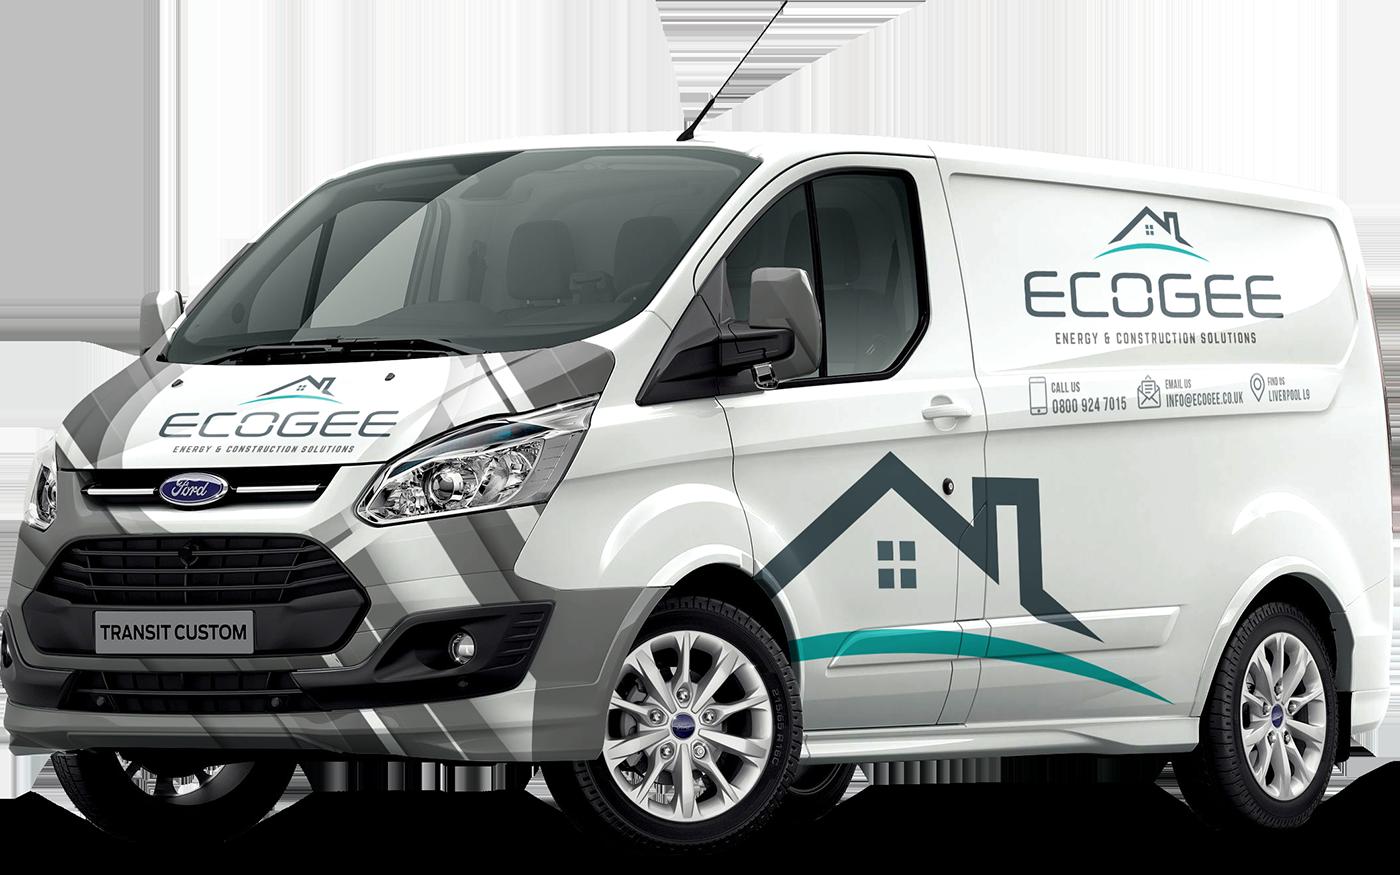 Eco Gee Van